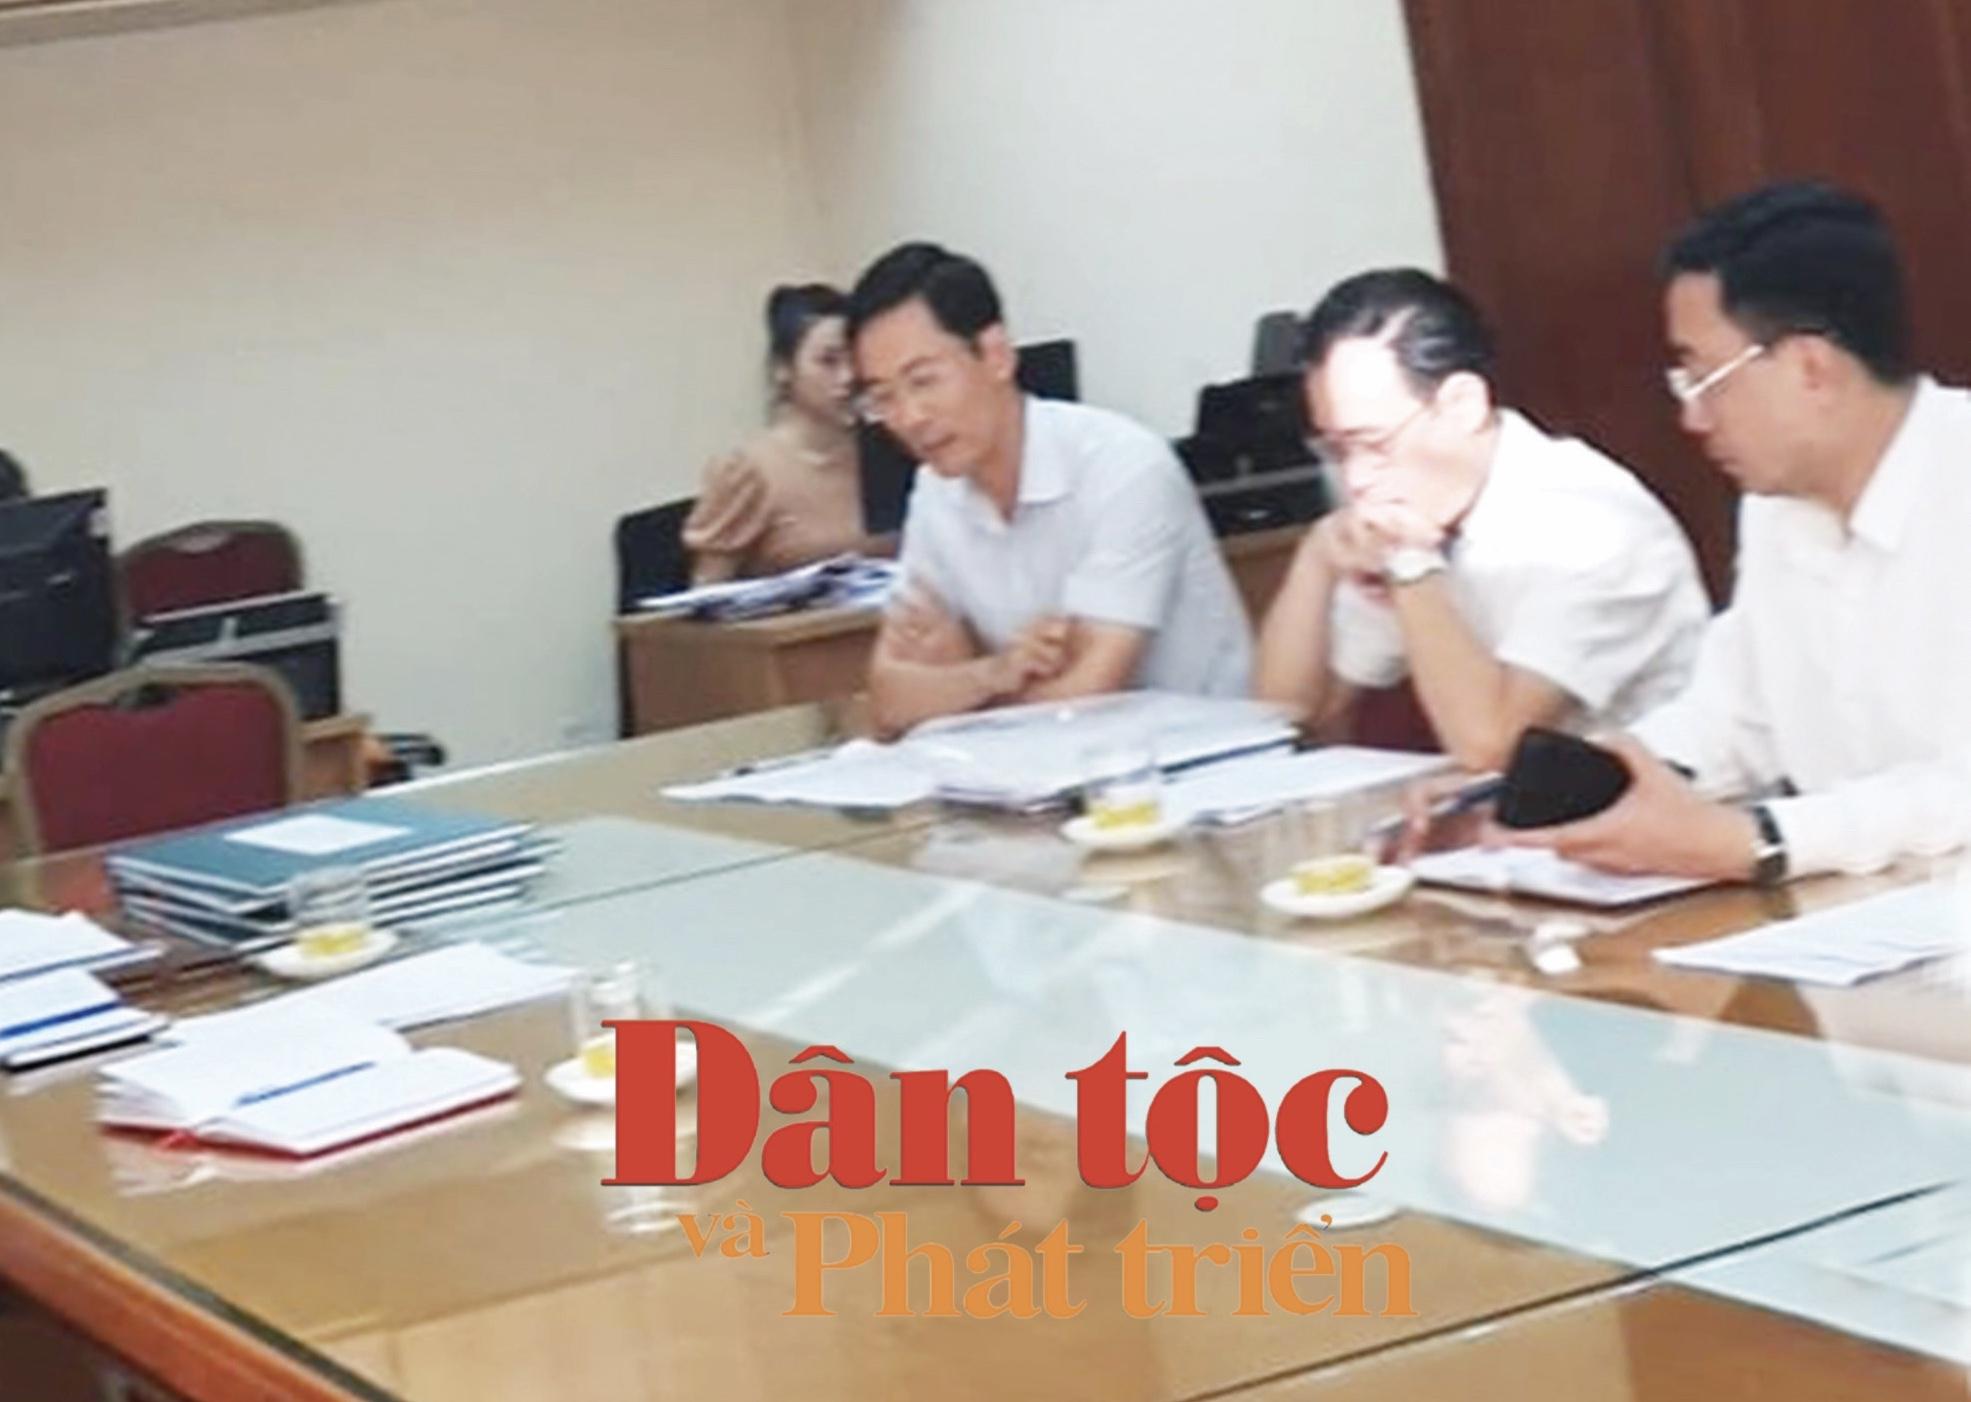 Các cơ quan chức năng quận Hoàn Kiếm làm việc với phóng viên Báo Dân tộc và Phát triển ngày 7/6/2020